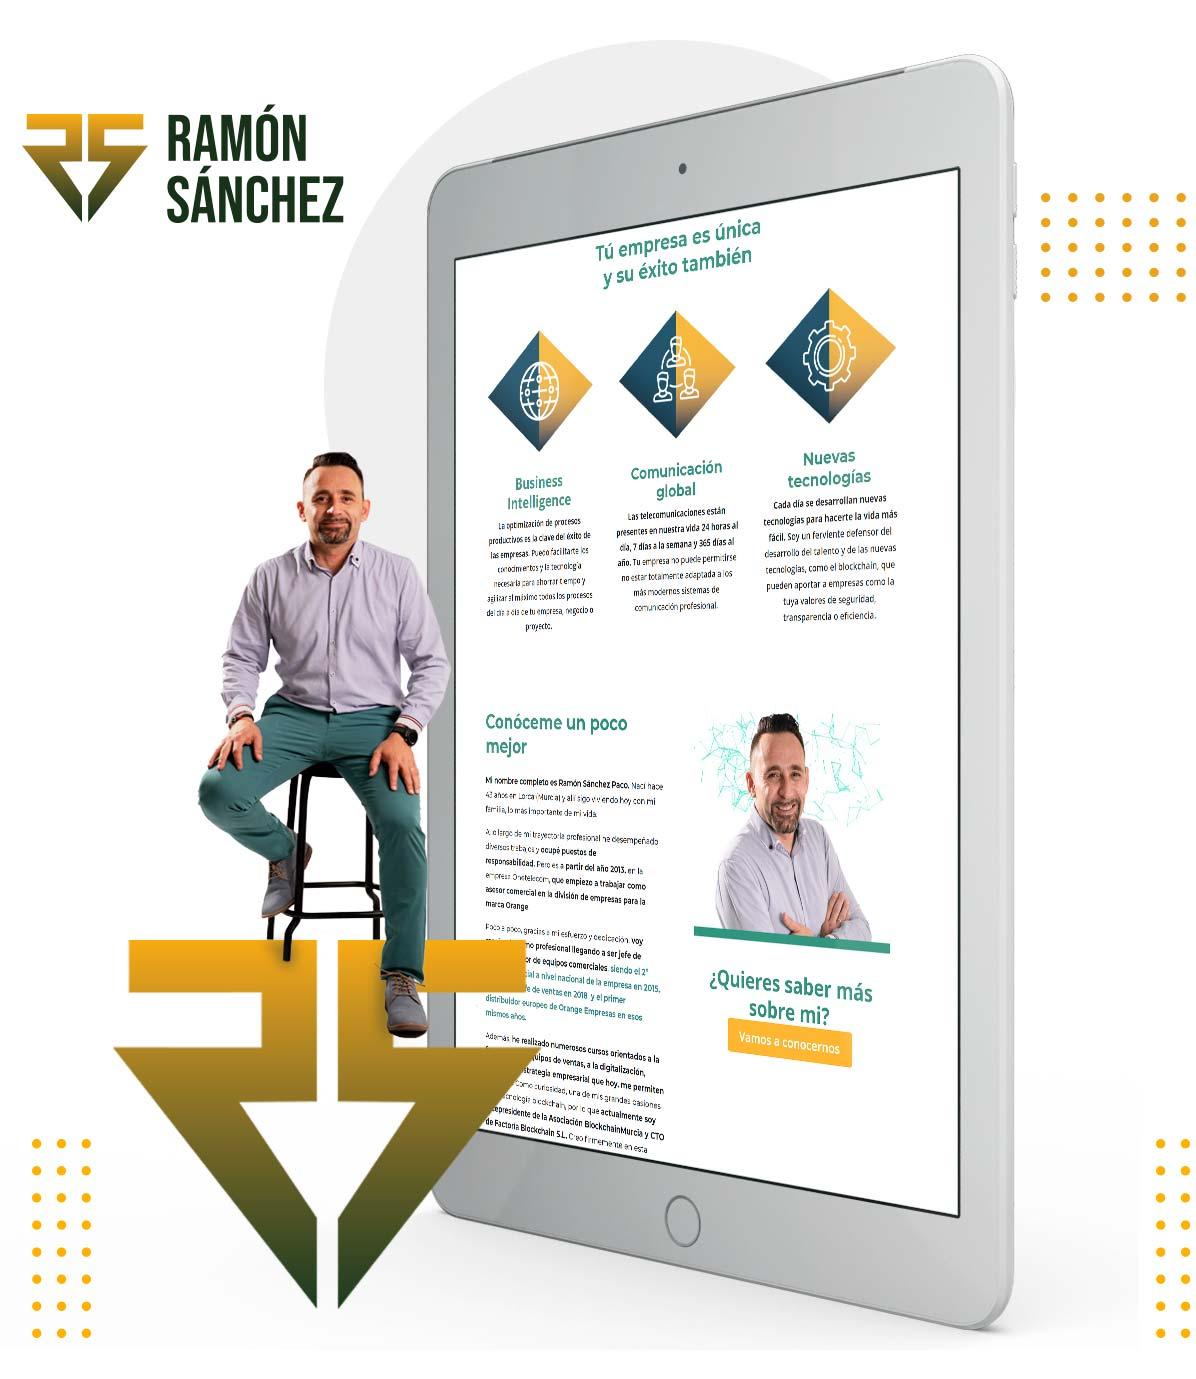 ramon-sanchez-paco-desarrollo-y-gestion-marca-personal-2vm